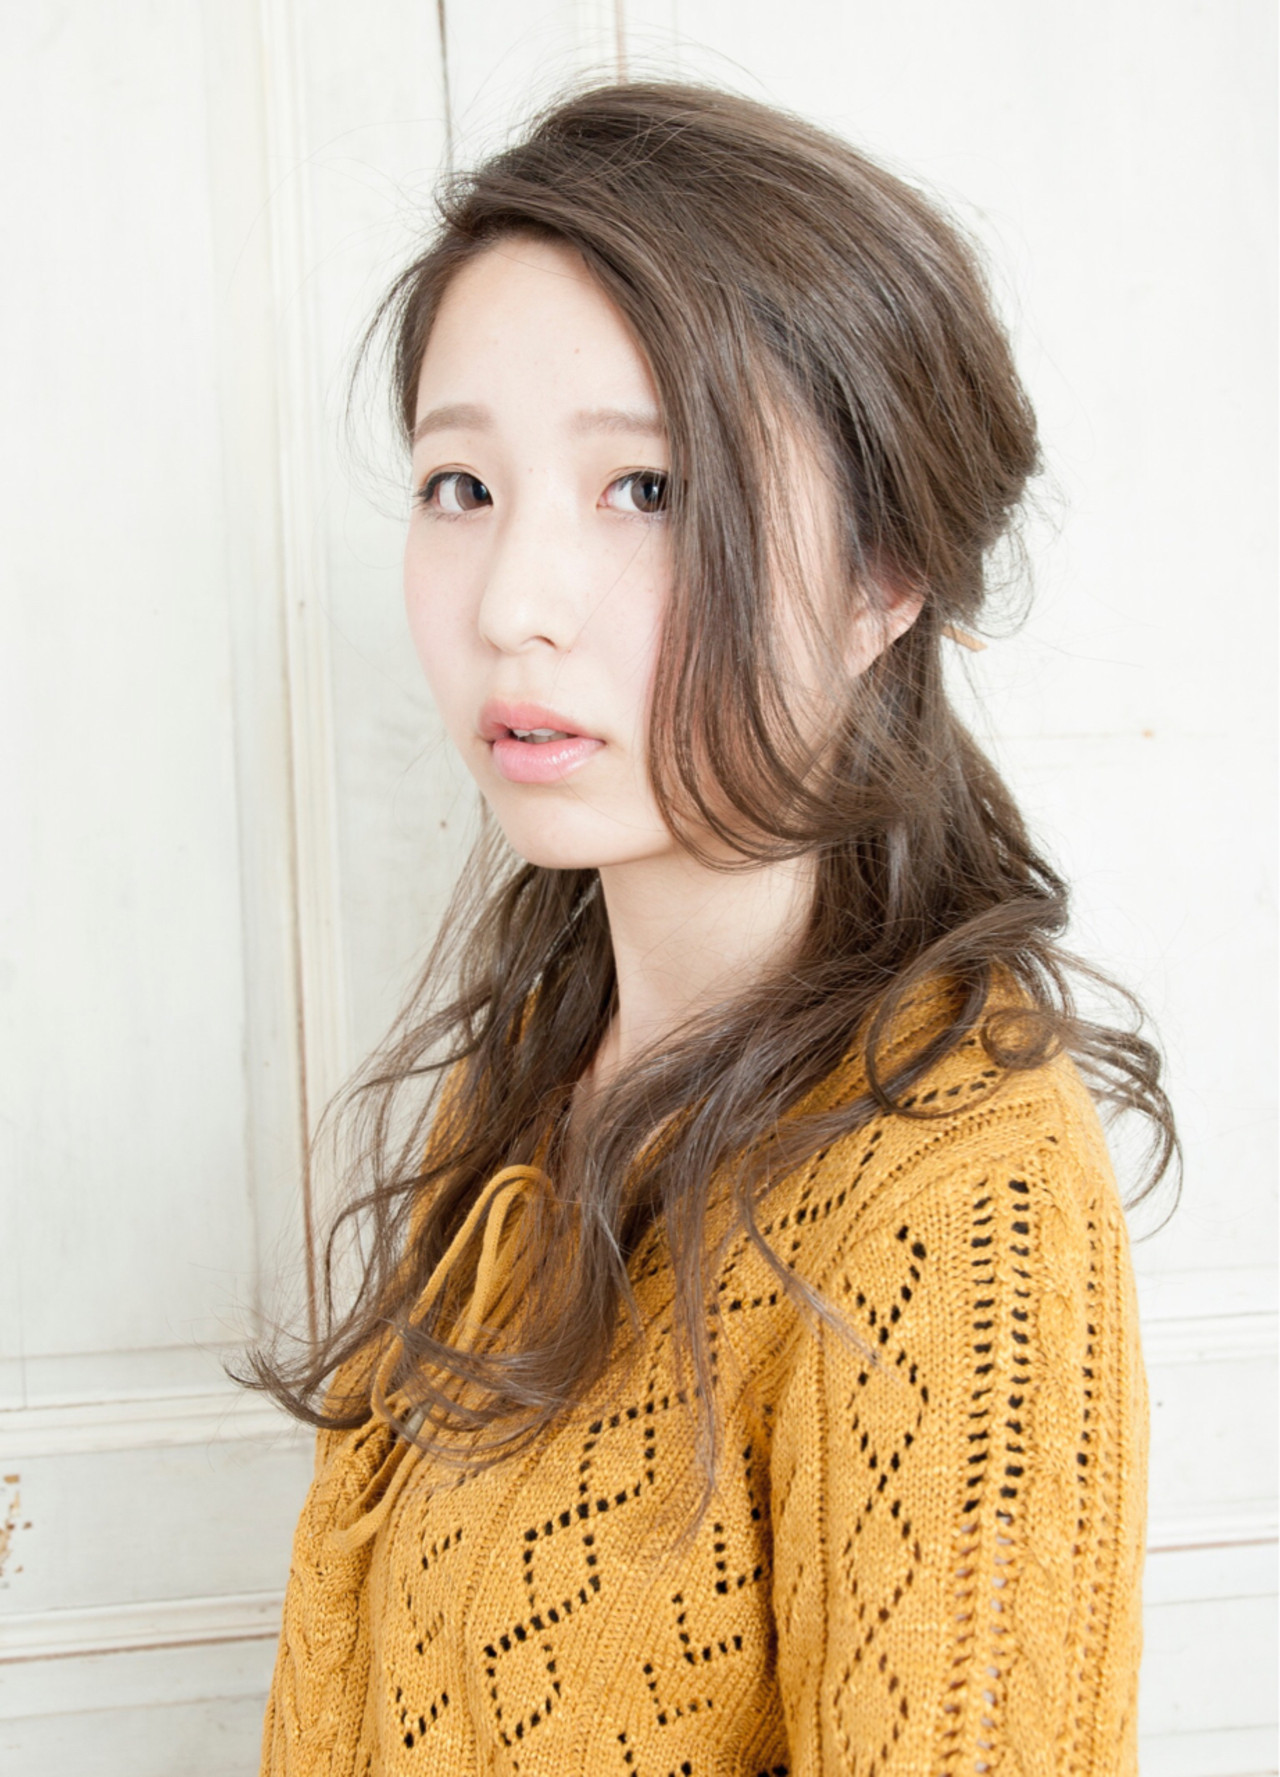 ヘアアレンジ 小顔 ロング フェミニン ヘアスタイルや髪型の写真・画像